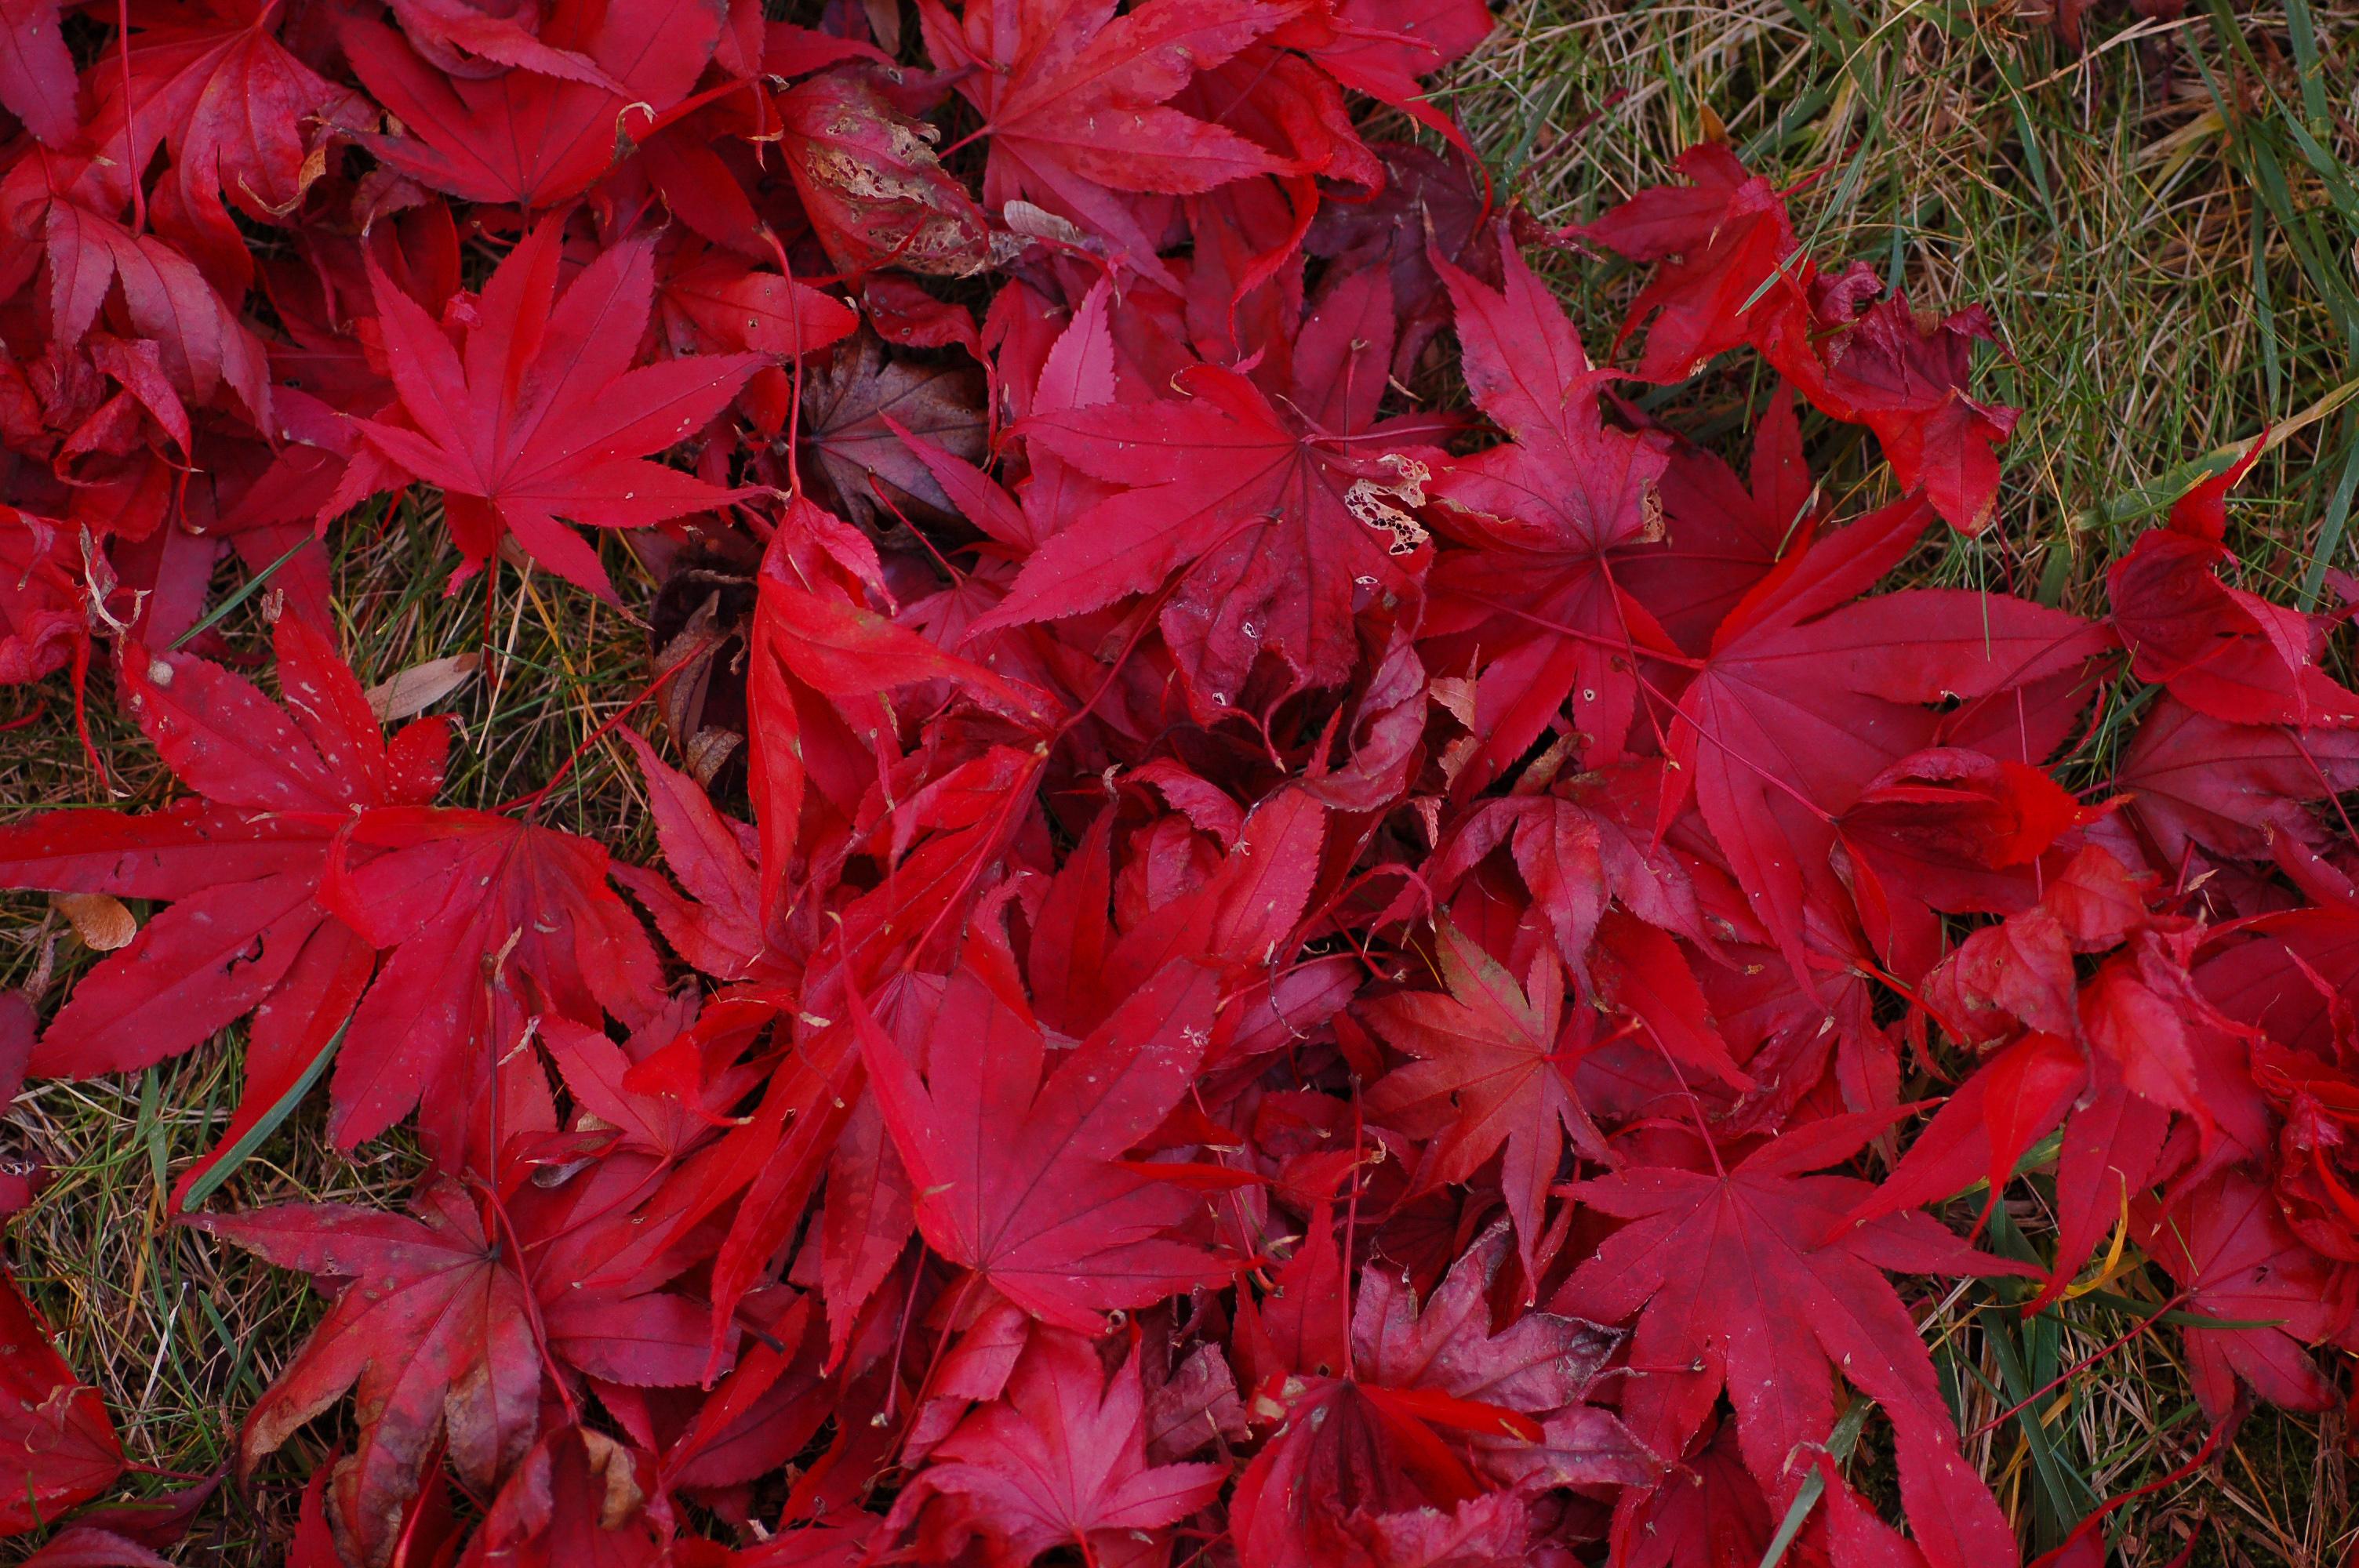 Filejapanese Maple Acer Palmatum Ground Leaves 3008pxjpg